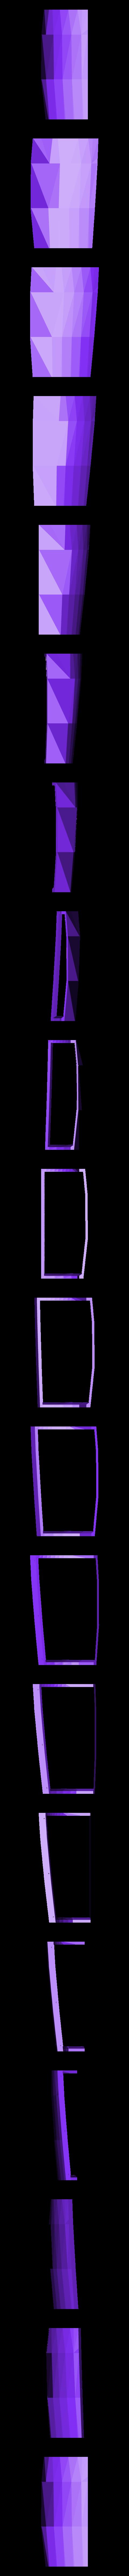 Mid_Rear_Right_mk2.stl Télécharger fichier STL gratuit Voilier à voile • Objet pour impression 3D, Rusichar